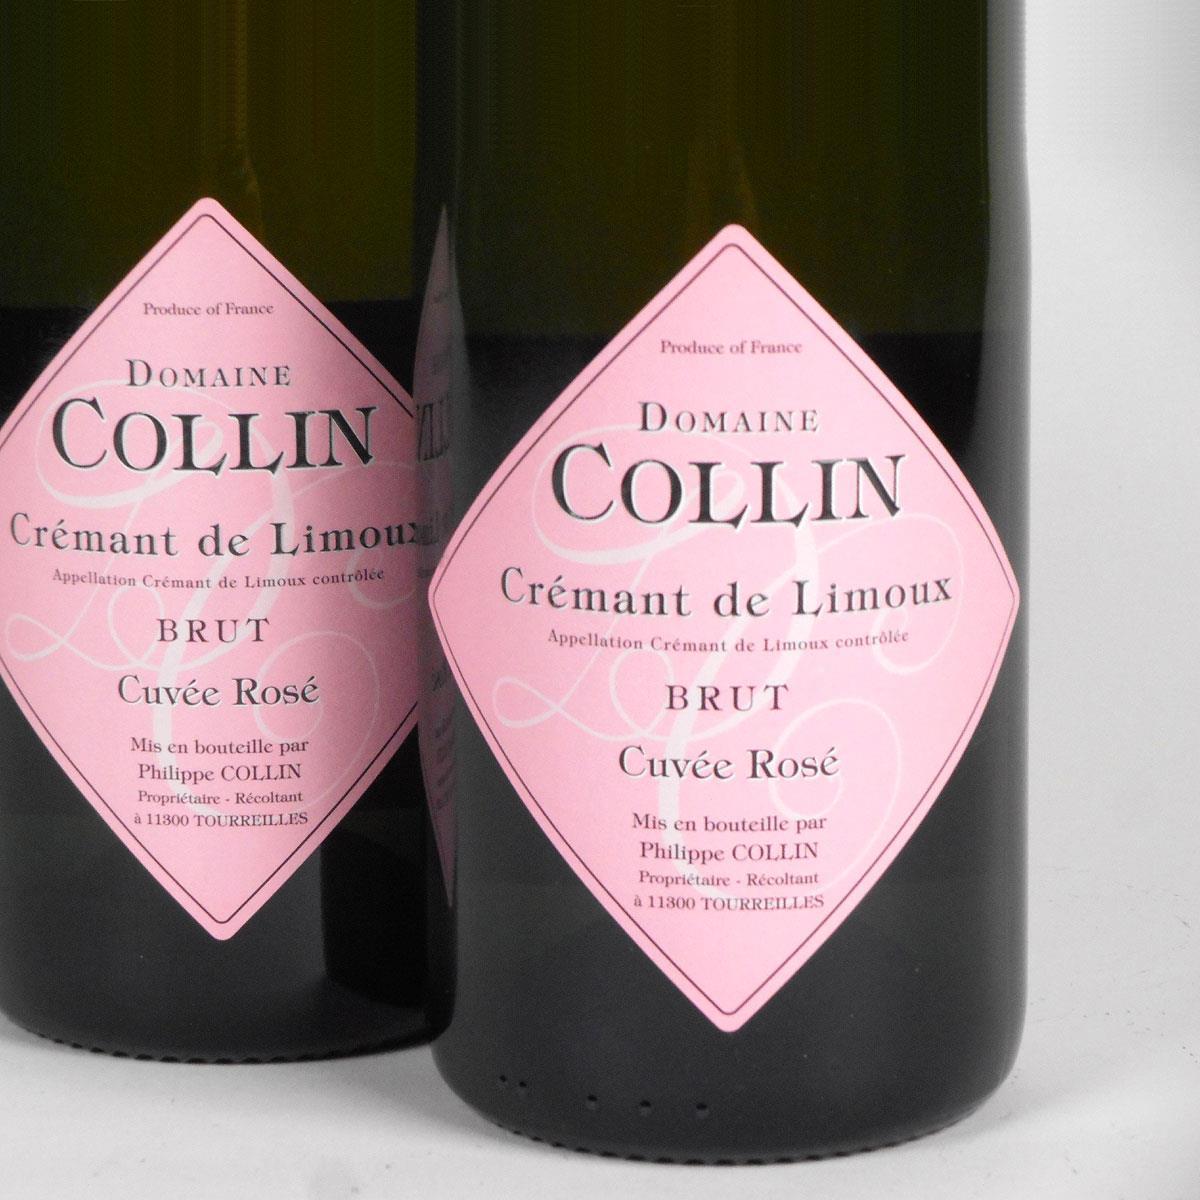 Crémant de Limoux: Domaine Collin 'Cuvée Prestige' Rosé